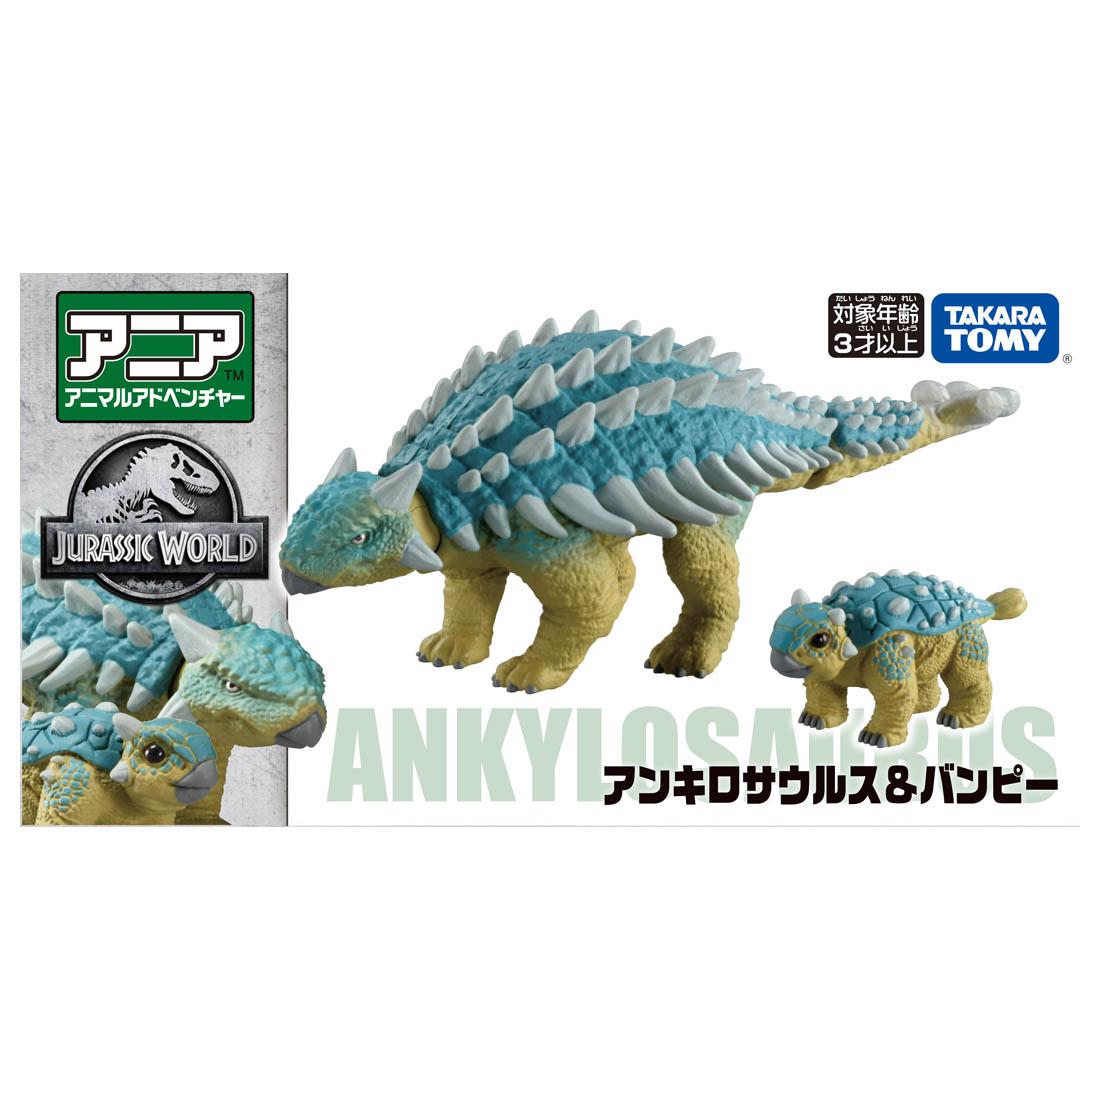 TOMY 動物模型 侏儸紀世界 - 甲龍親子